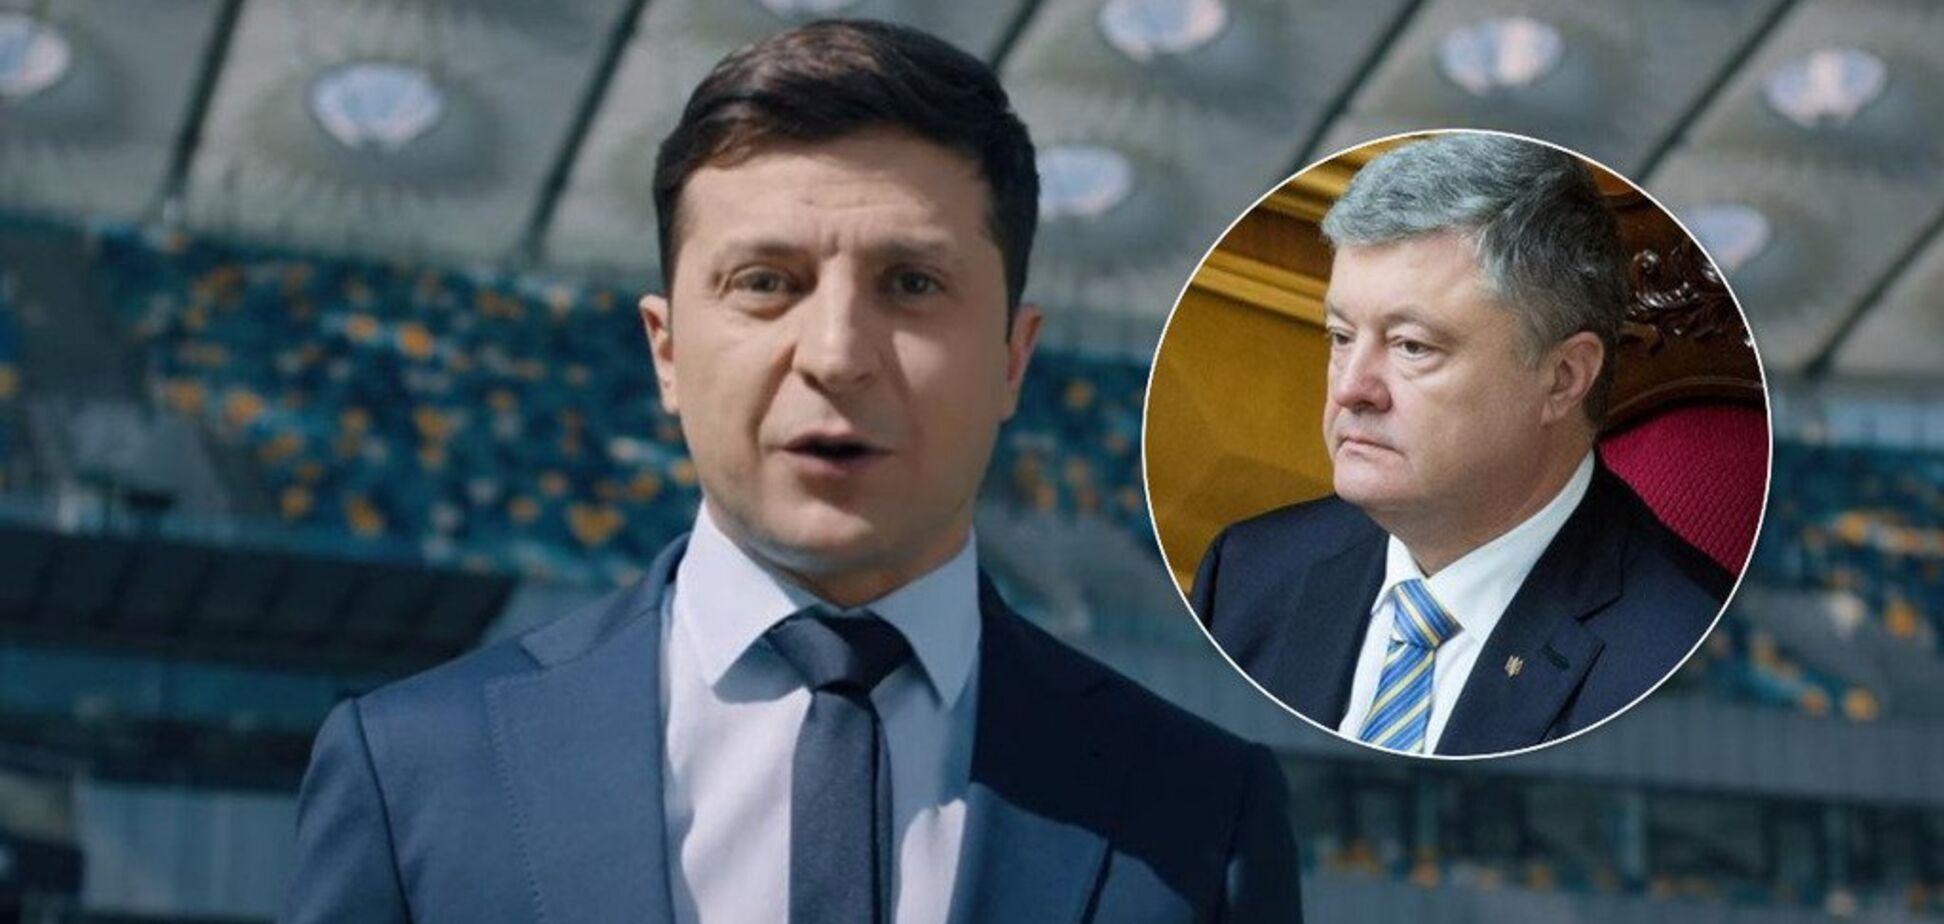 Слово за ЦИК: 'Суспільне' сделало важное уточнение по дебатам Зеленского и Порошенко